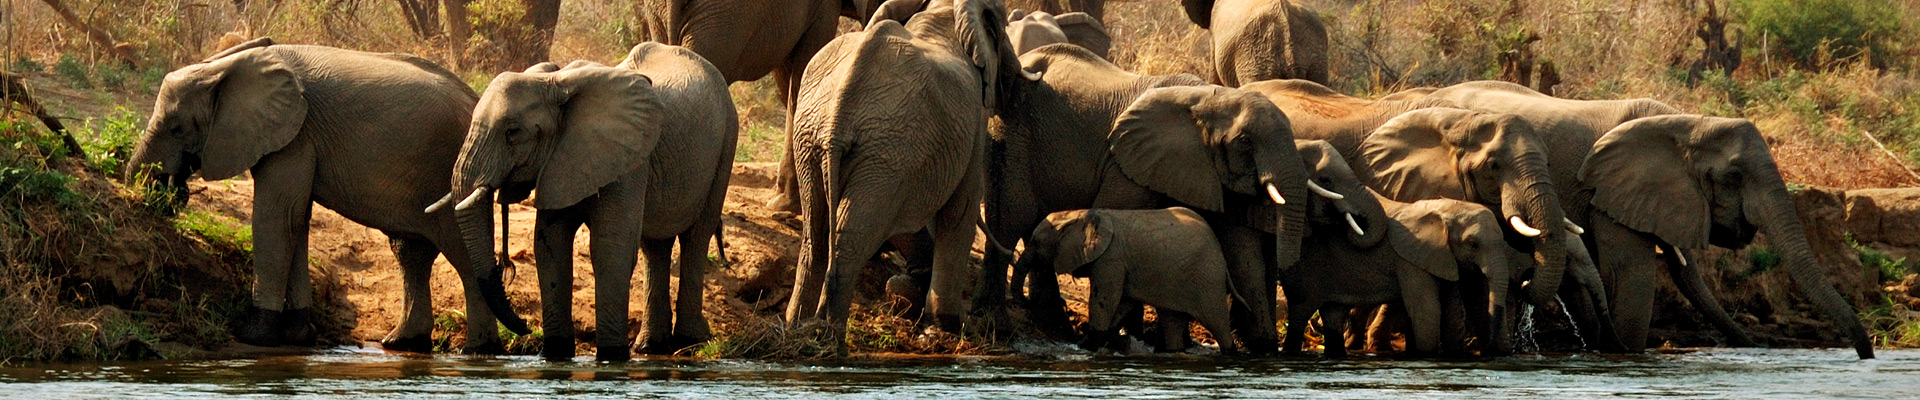 Top image groupe d'éléphants au bord du Zambèze, Zambie